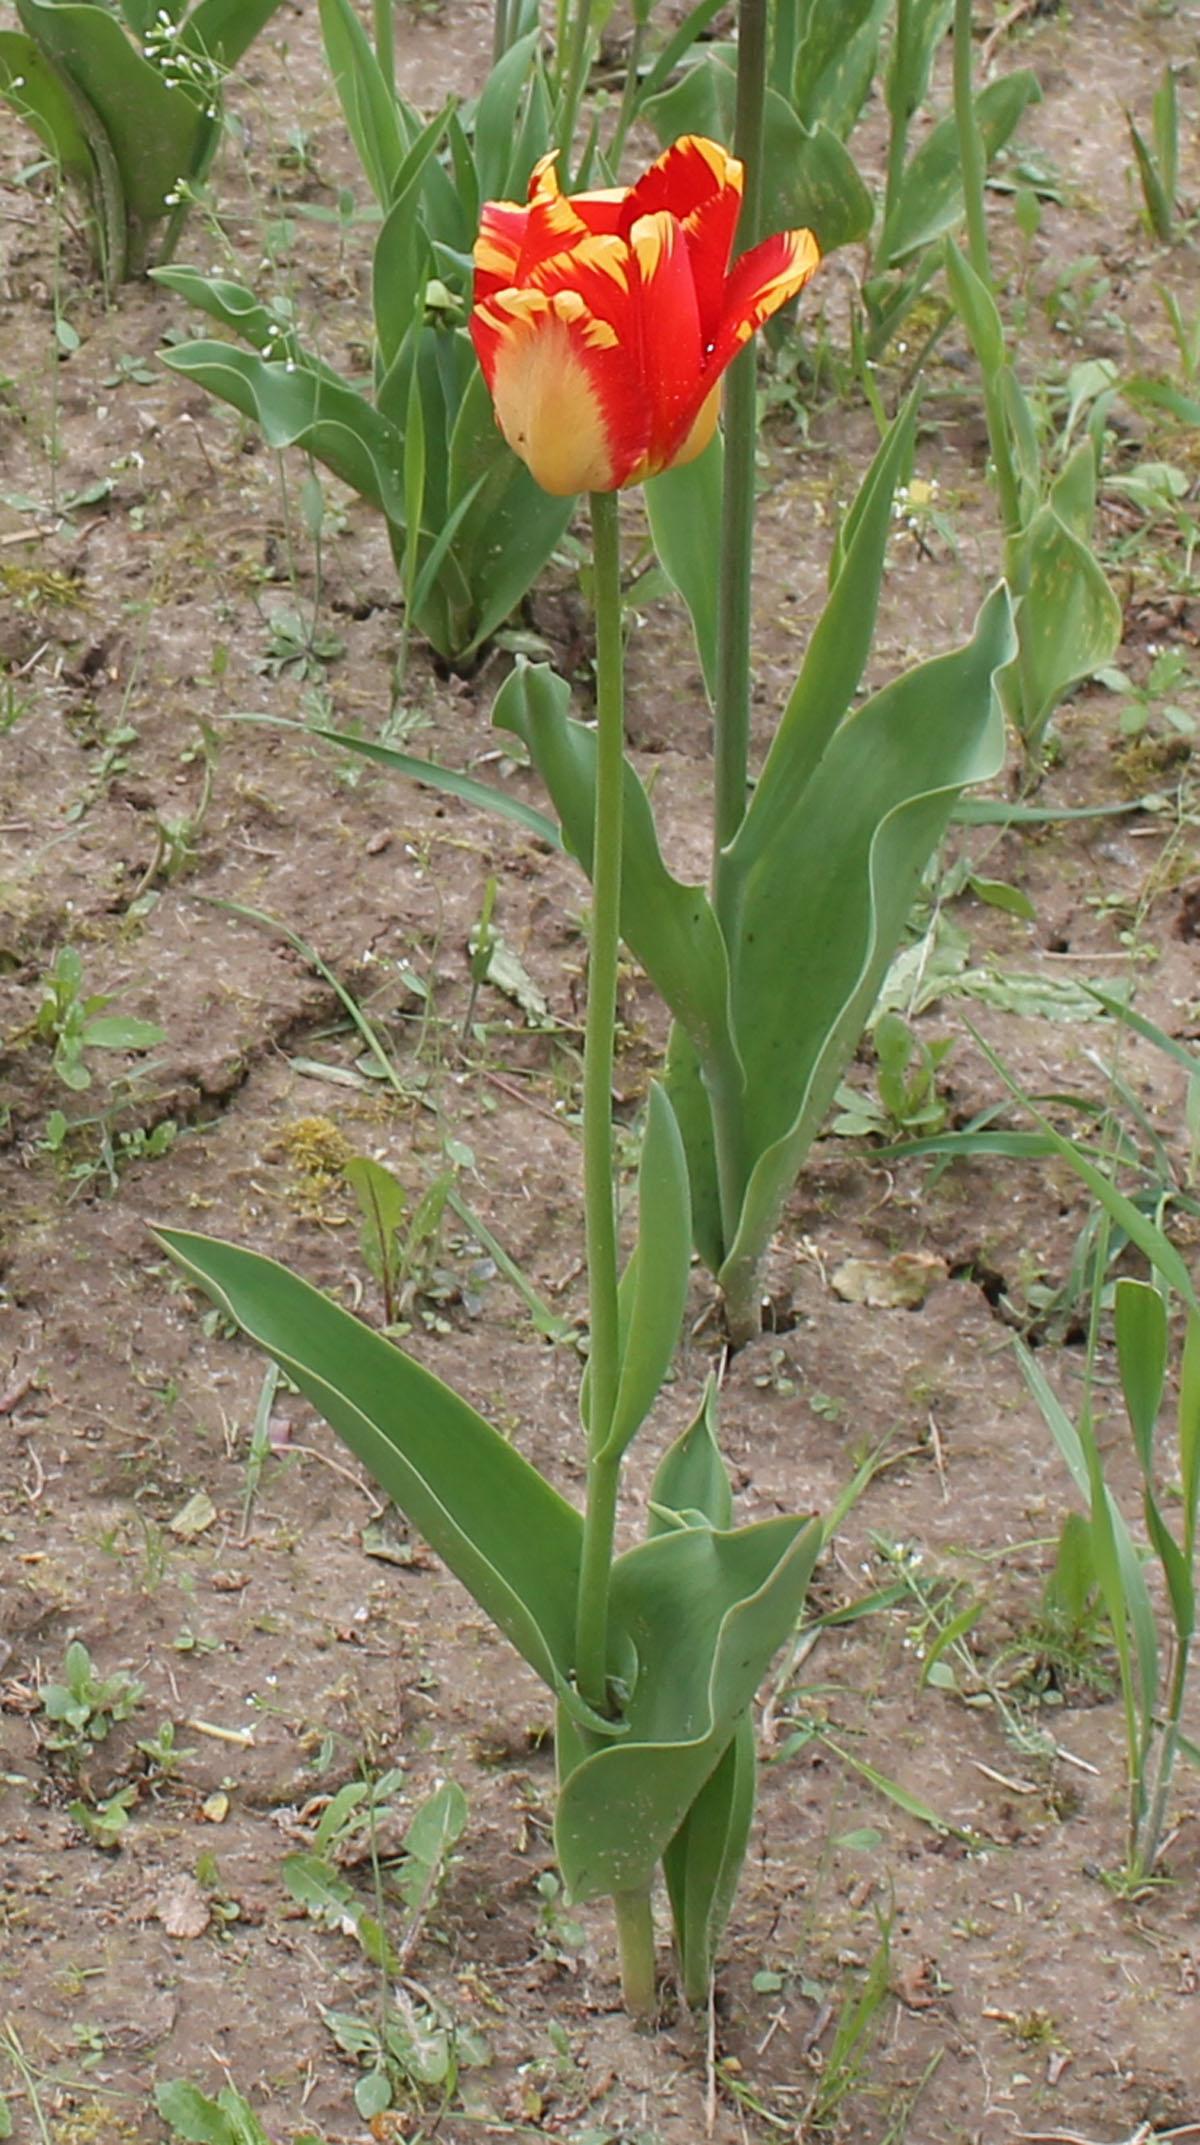 Тюльпан 'Banja Luka'. Общий вид цветущего растения